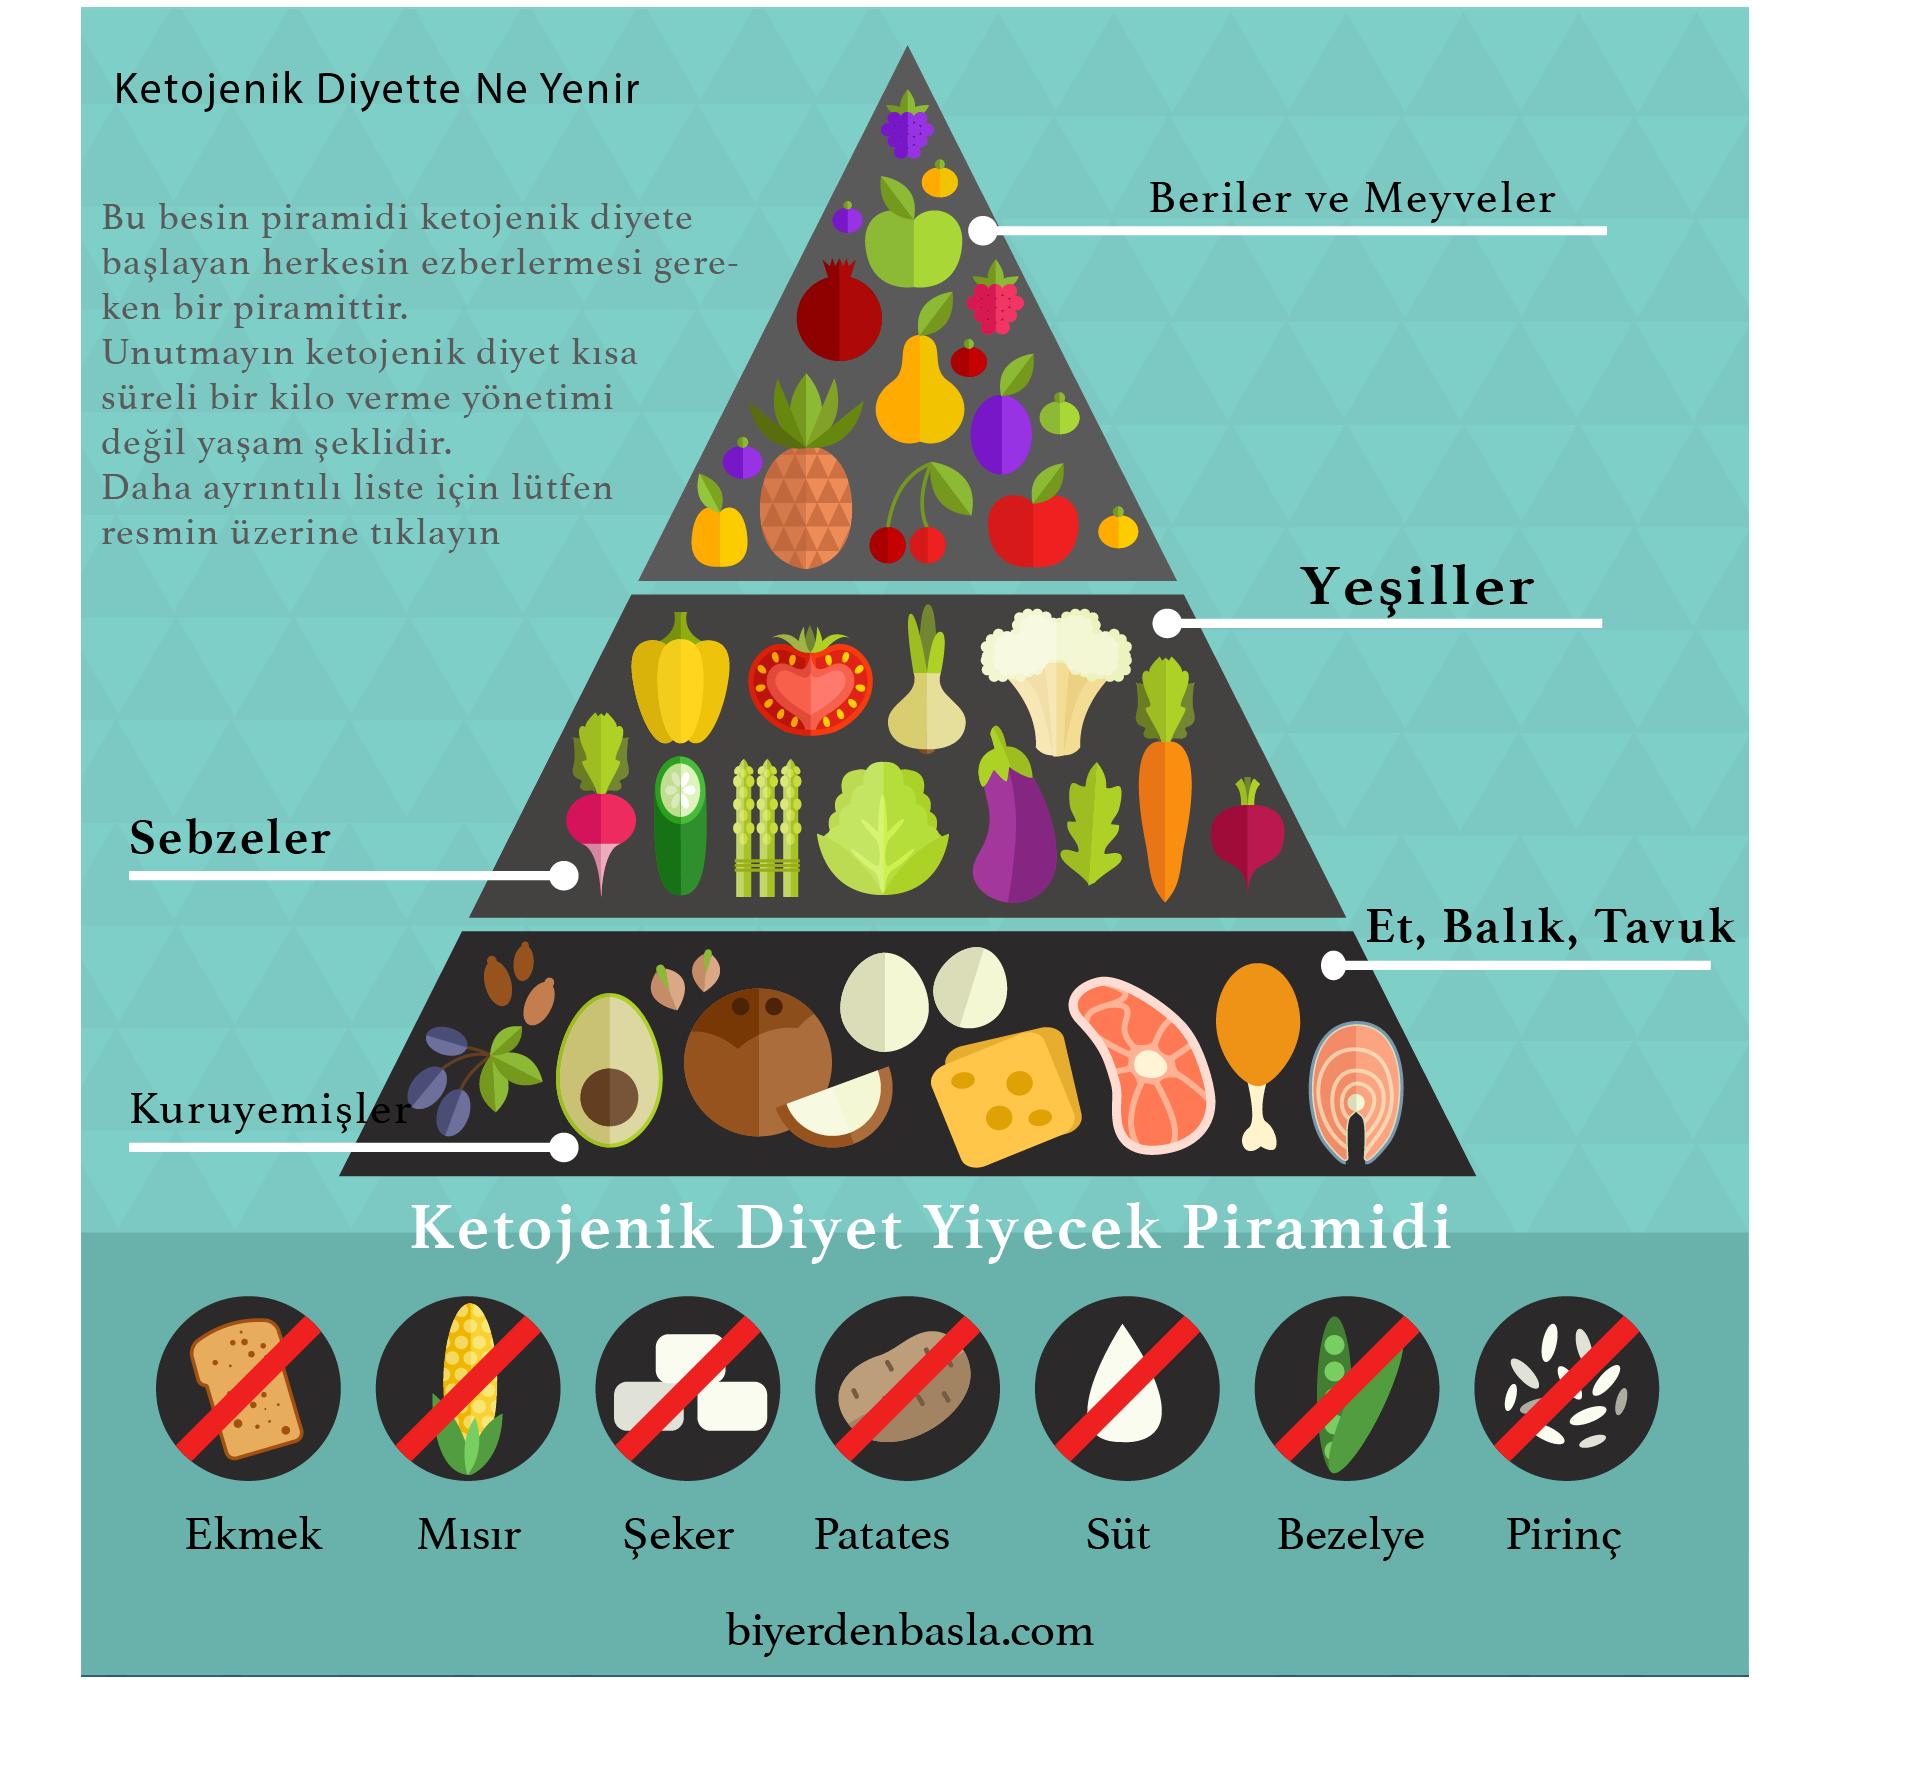 Ketojenik diyet hesaplama ile Etiketlenen Konular 60